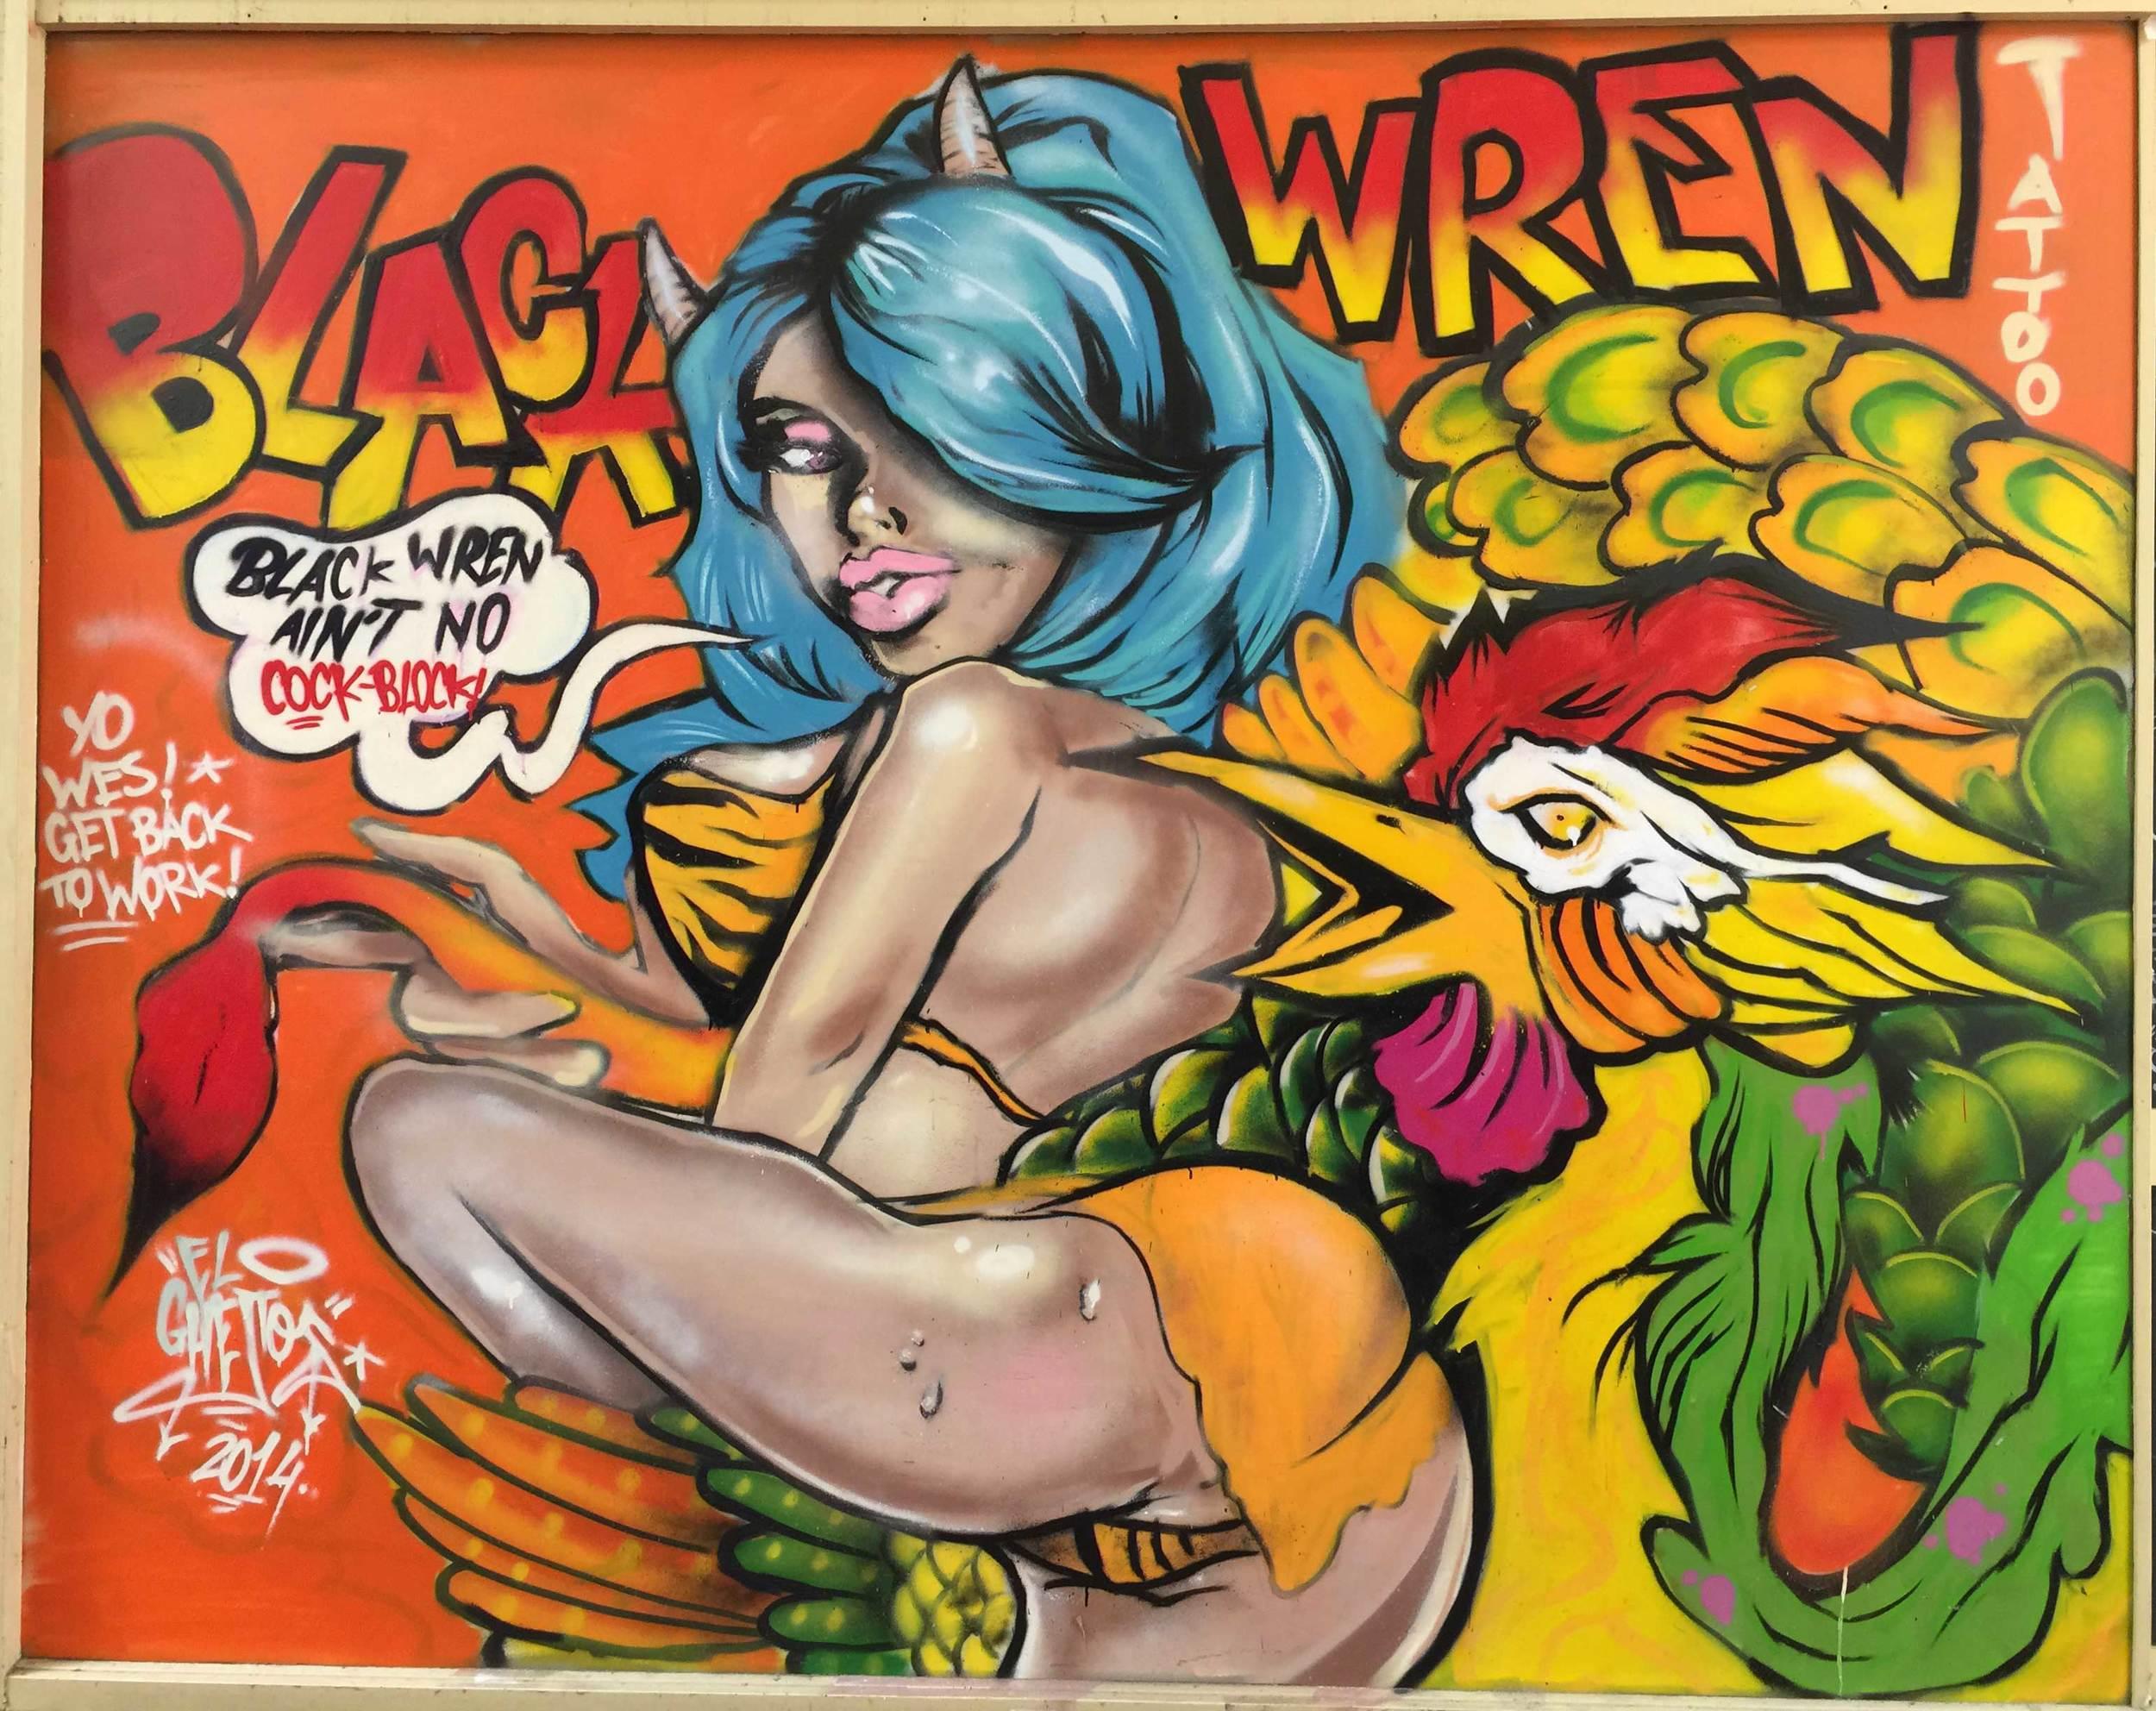 black-wren-ghetto-cock-block-graffiti-allans-walk